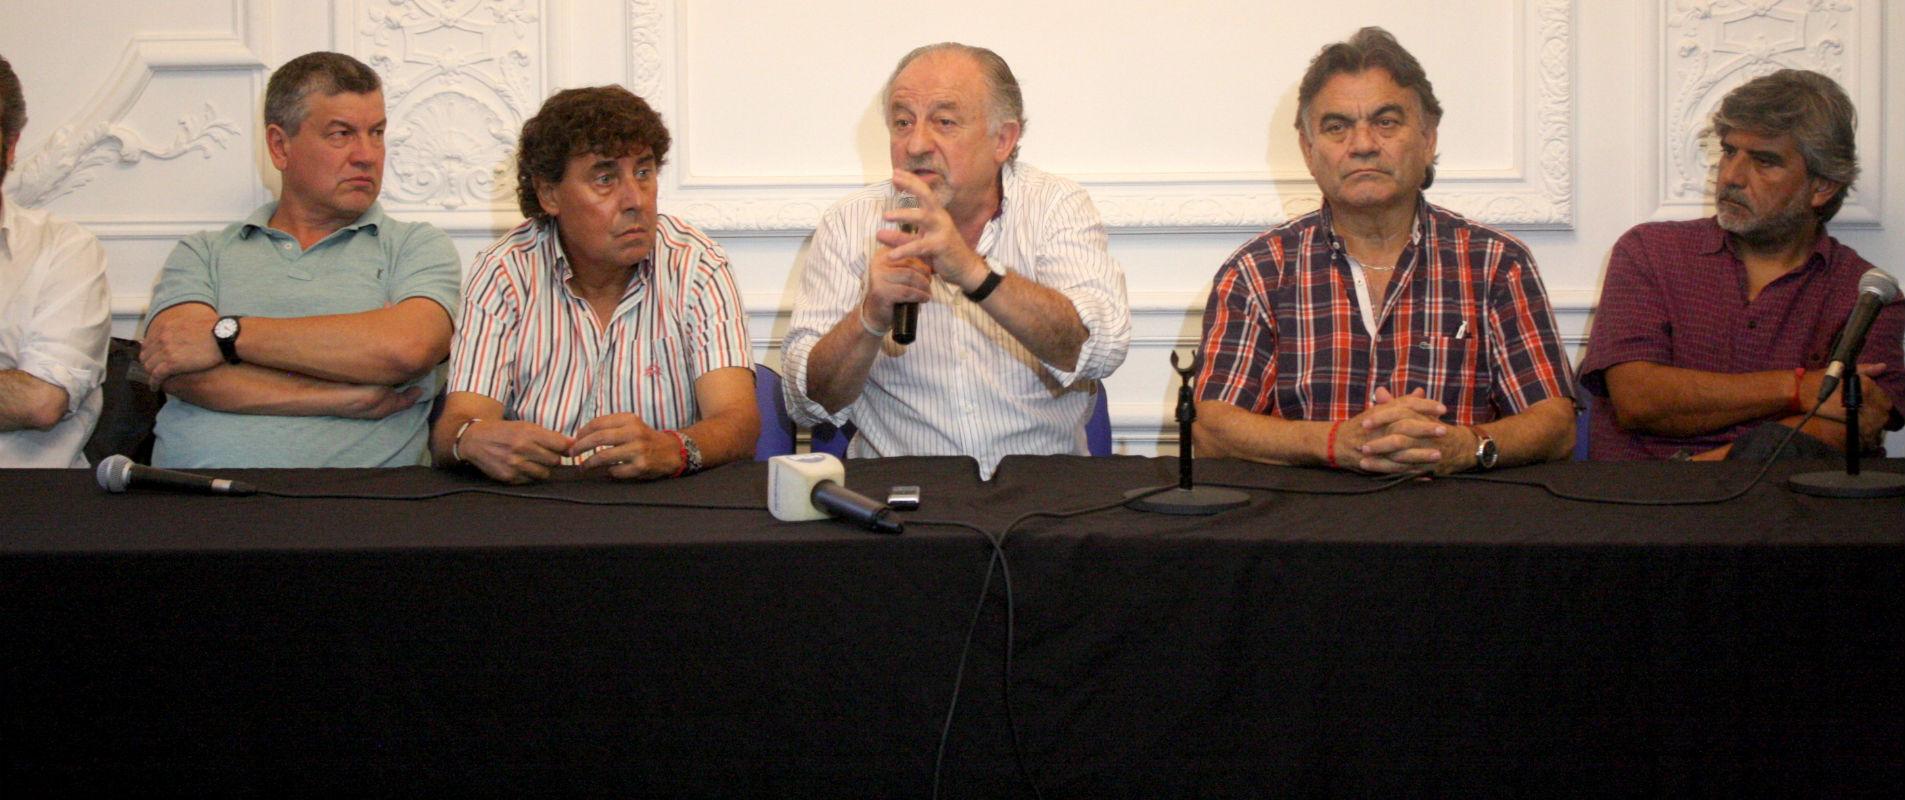 30M: Contundente convocatoria a la movilización a Plaza de Mayo